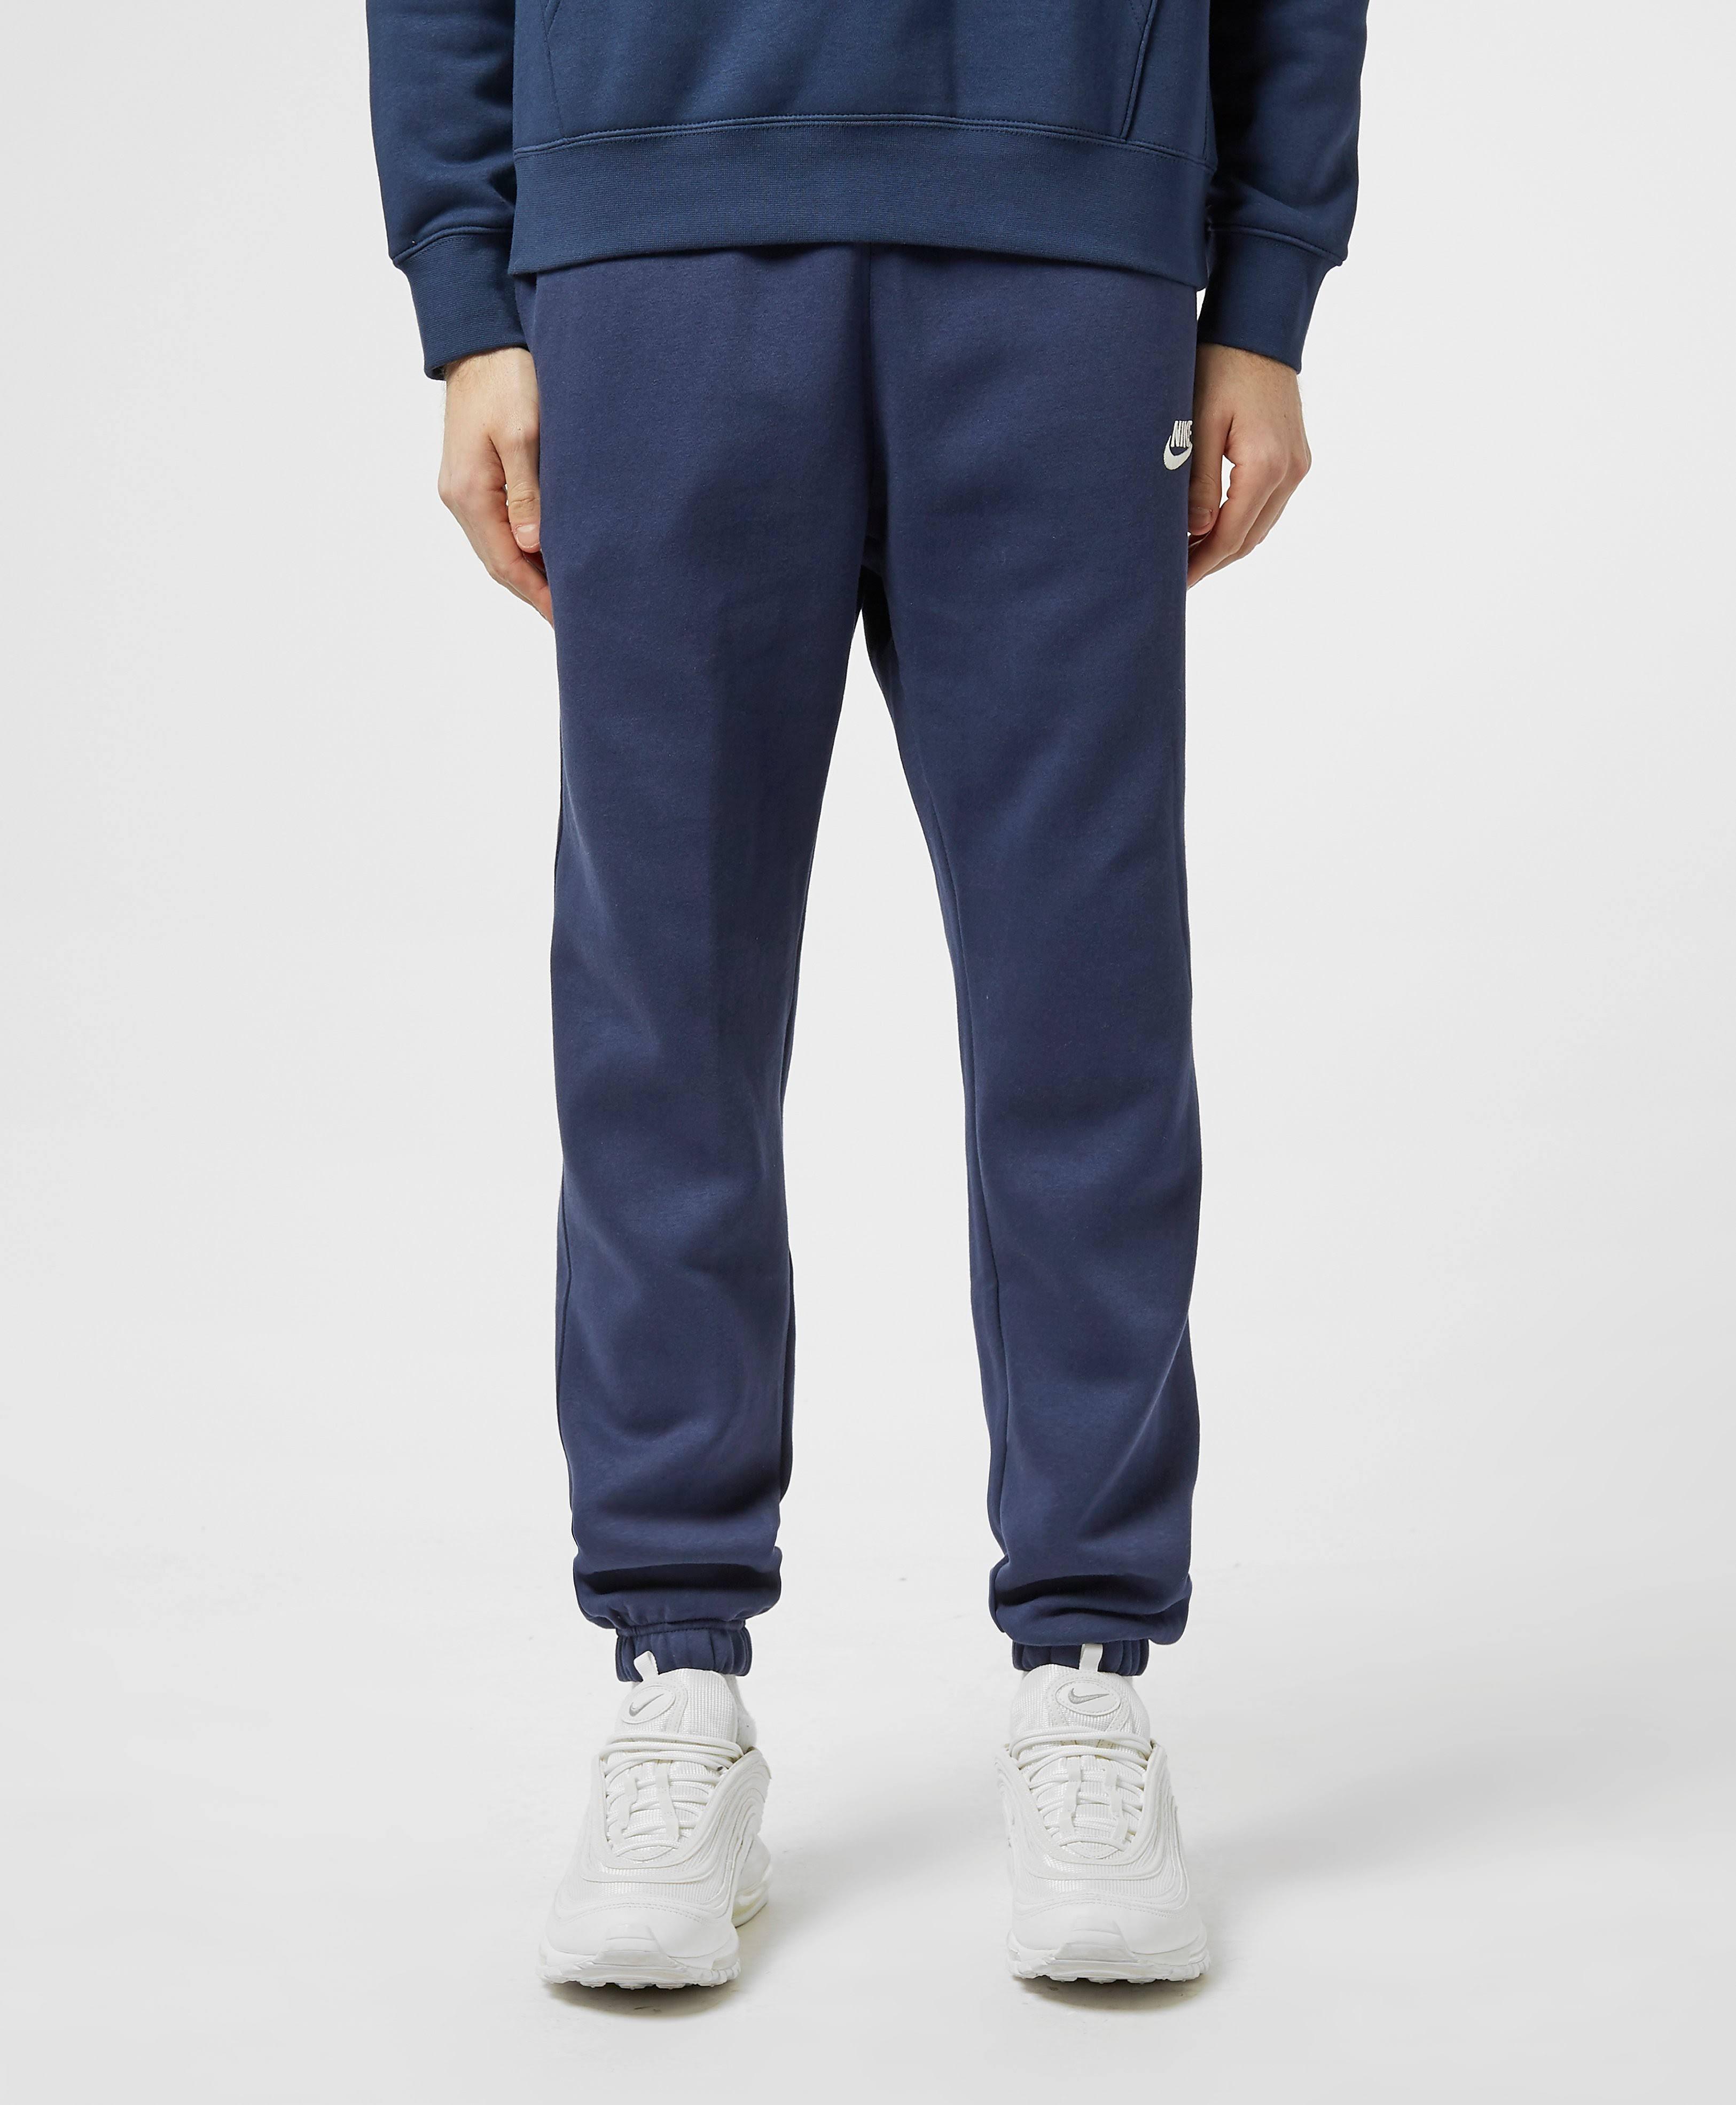 Nike Sportswear Club Fleece Men's Trousers - Blue